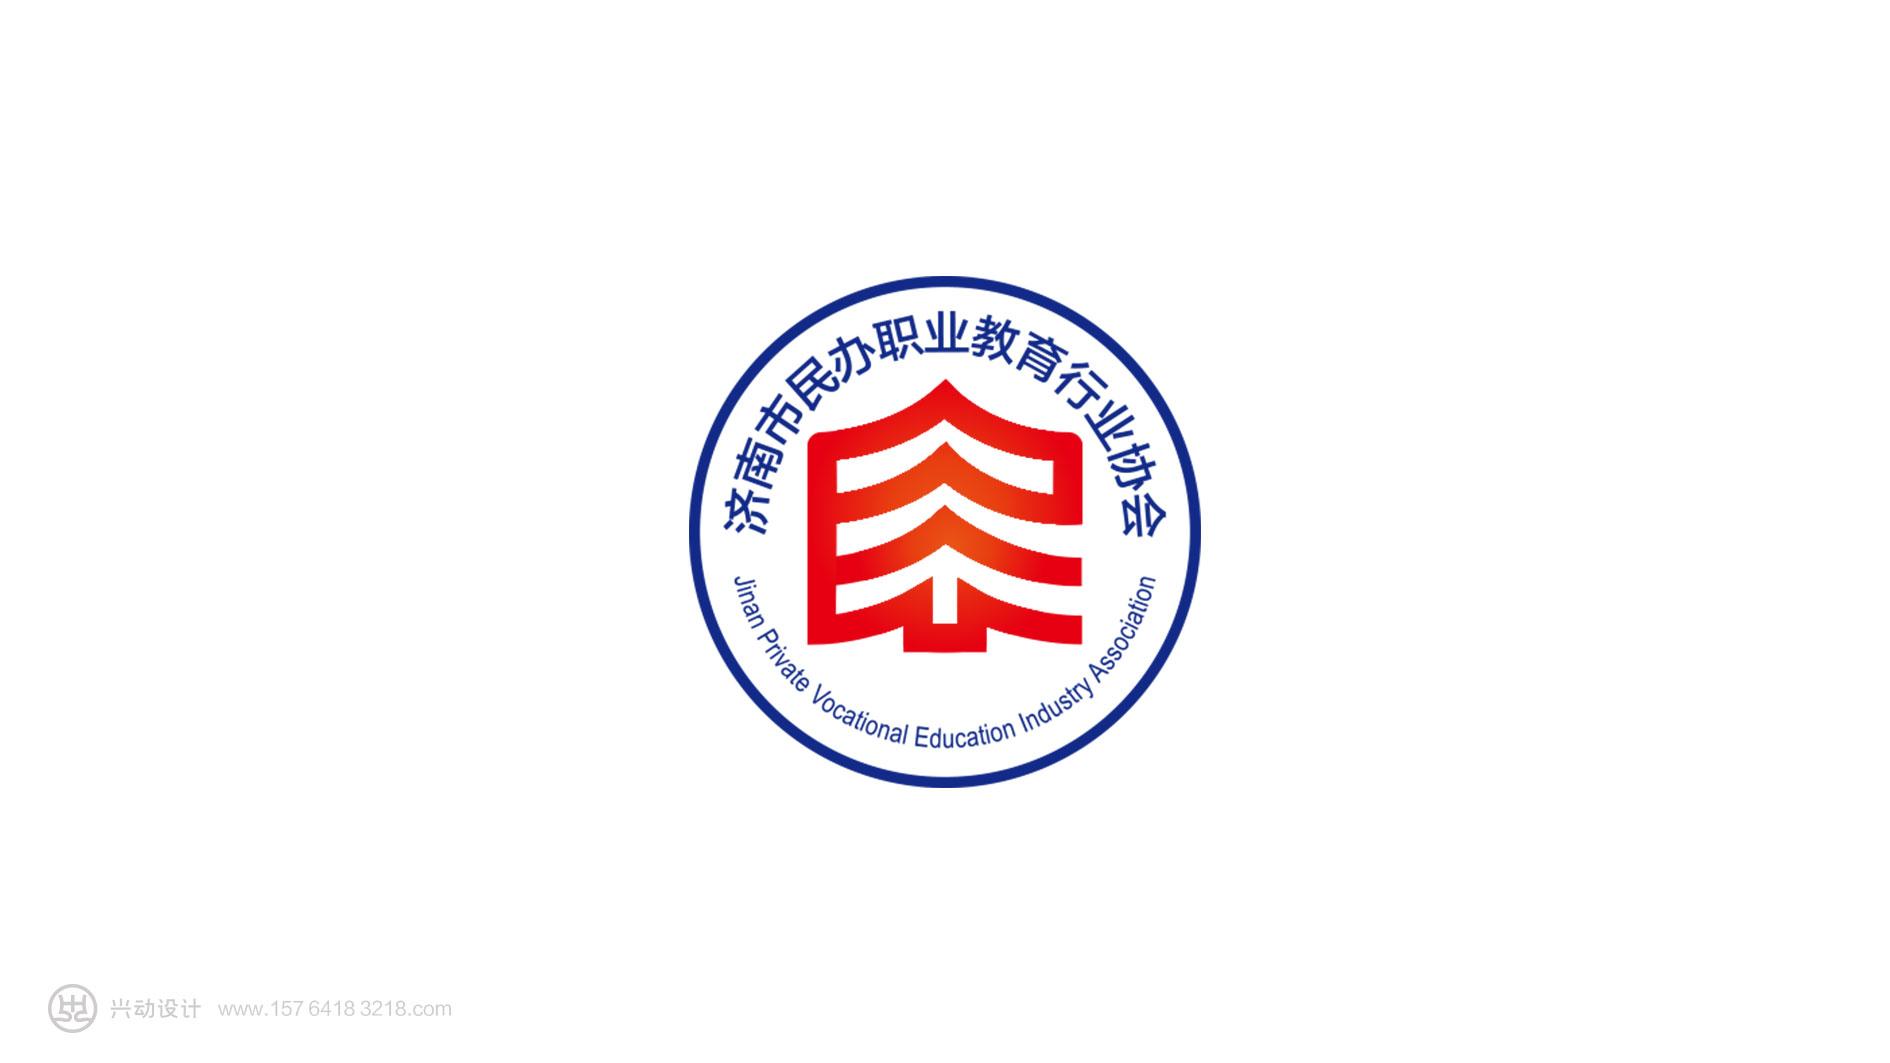 济南市民办职业教育行业协会品牌形象标志设计